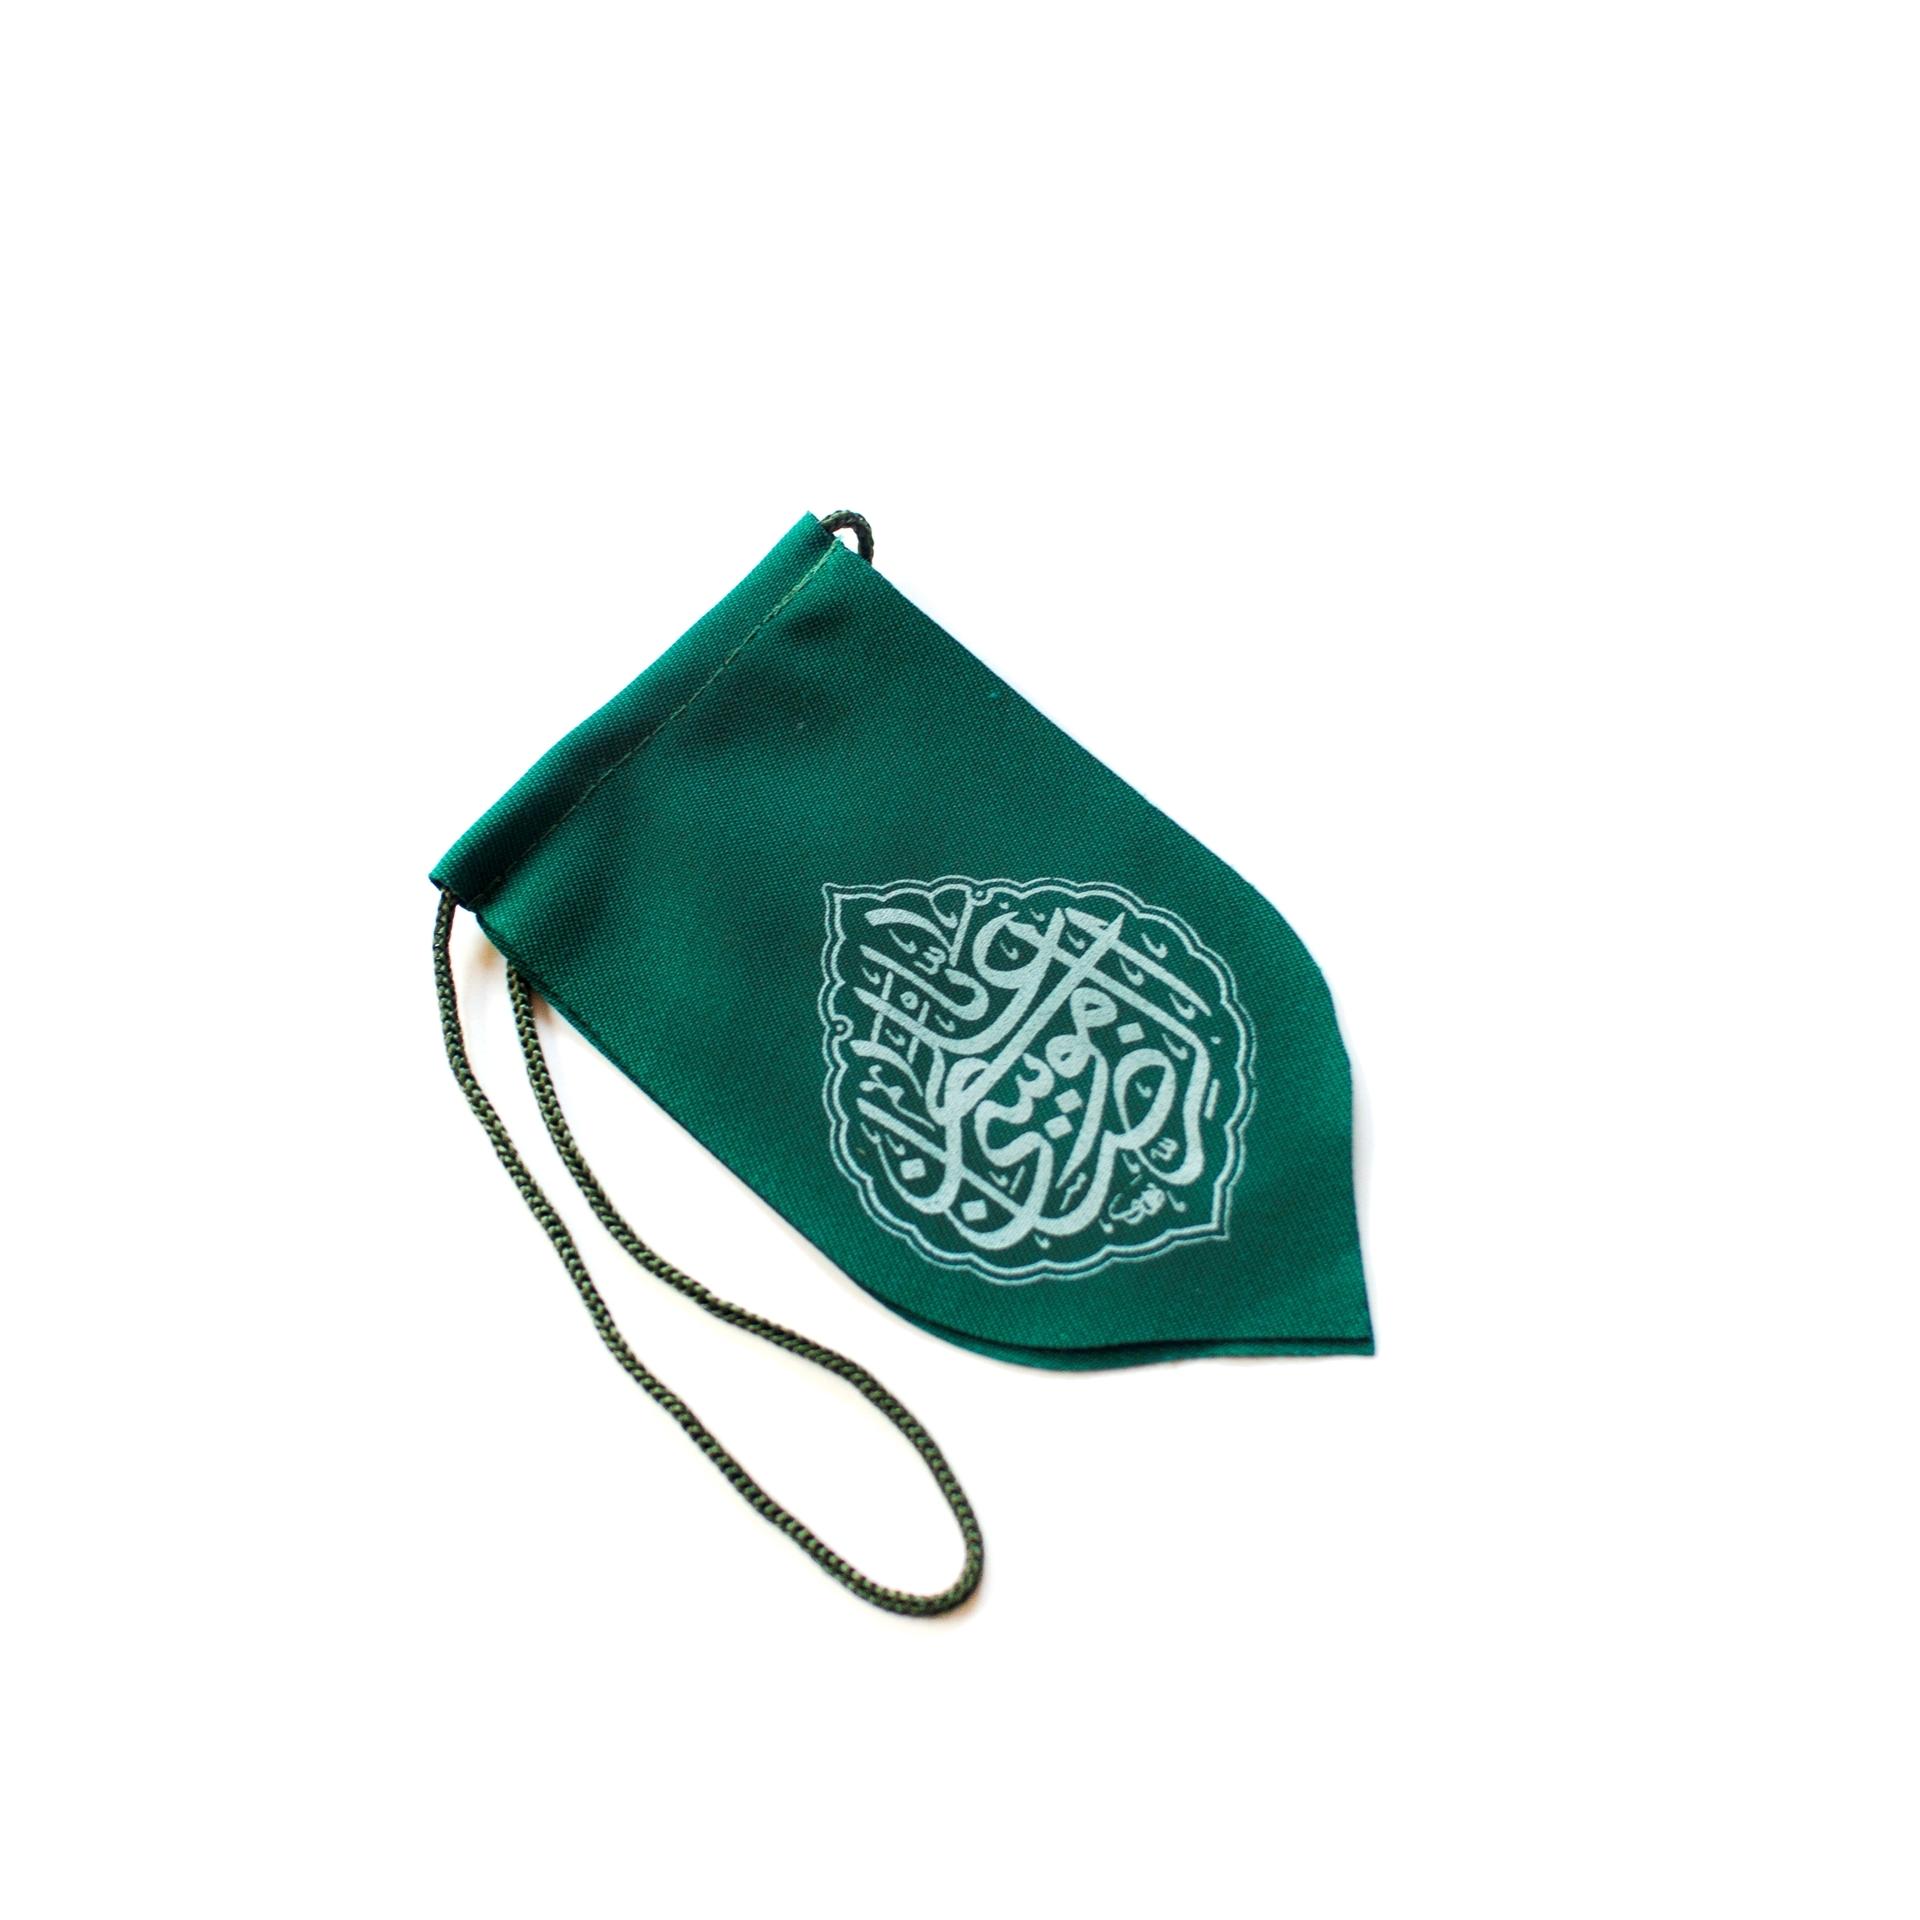 تصویر از آویز خودرو یا علی بن موسی الرضا